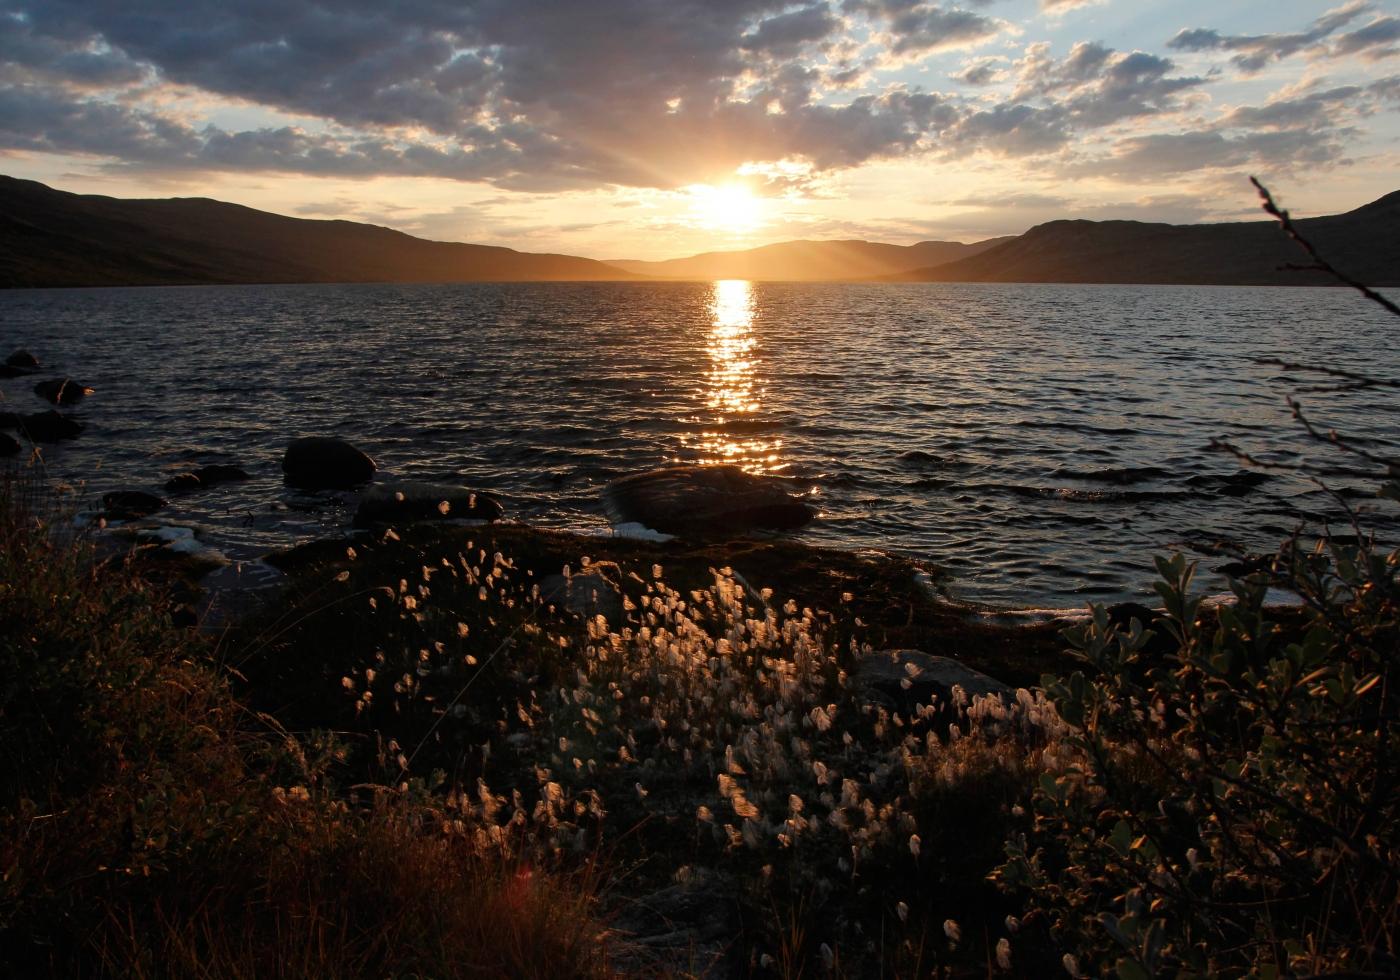 Beautiful sunset at Tasersuatsiaq. Photo by Filip Hanzak